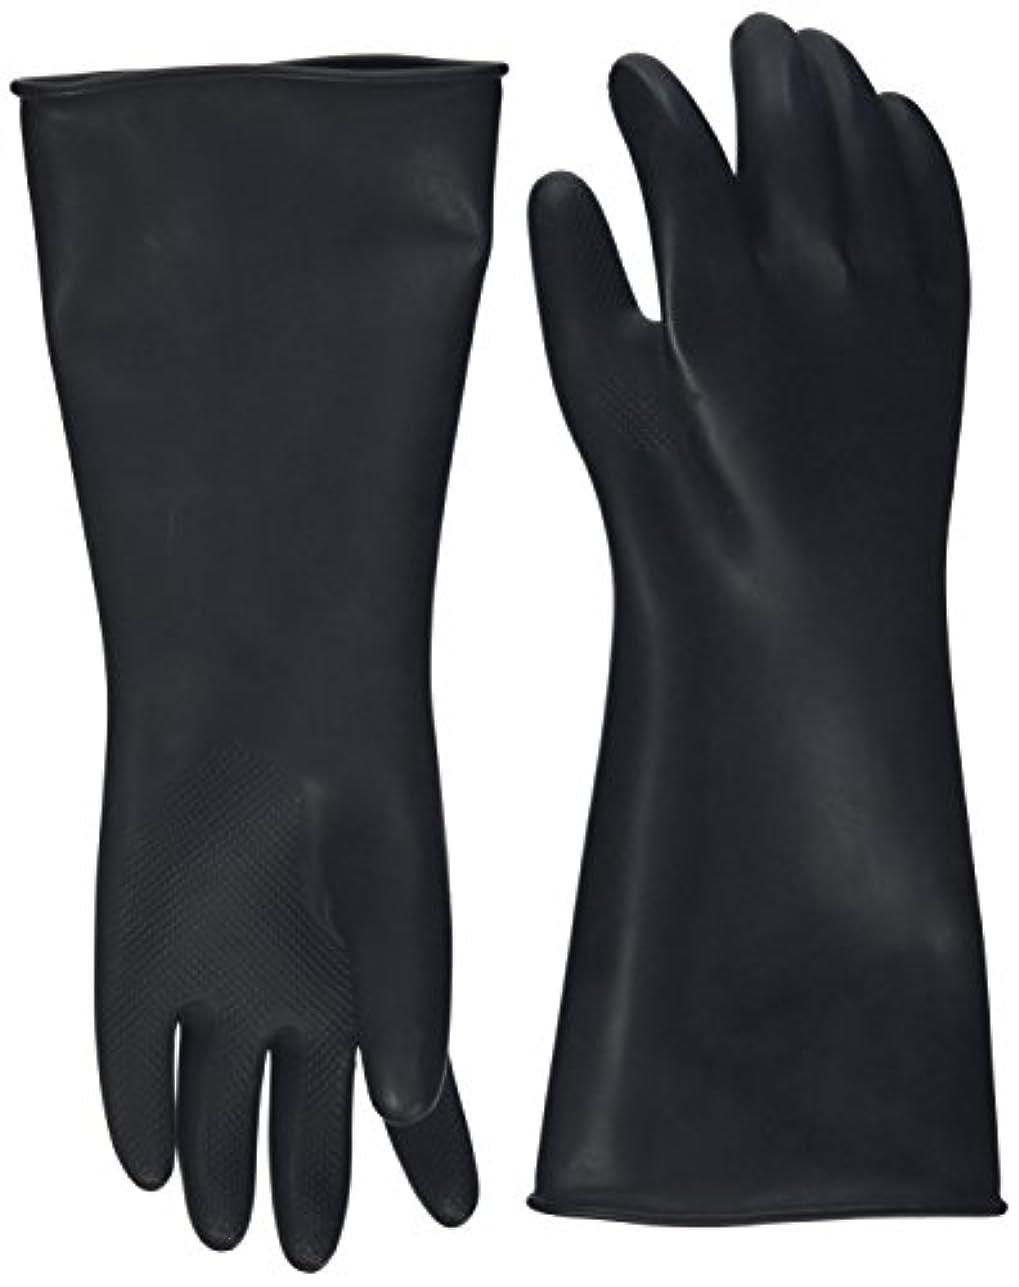 ダーリンレバー警官ハナキゴム 工業用手袋ハナローブ No.436 滑り止め付き曲指型 ブラック